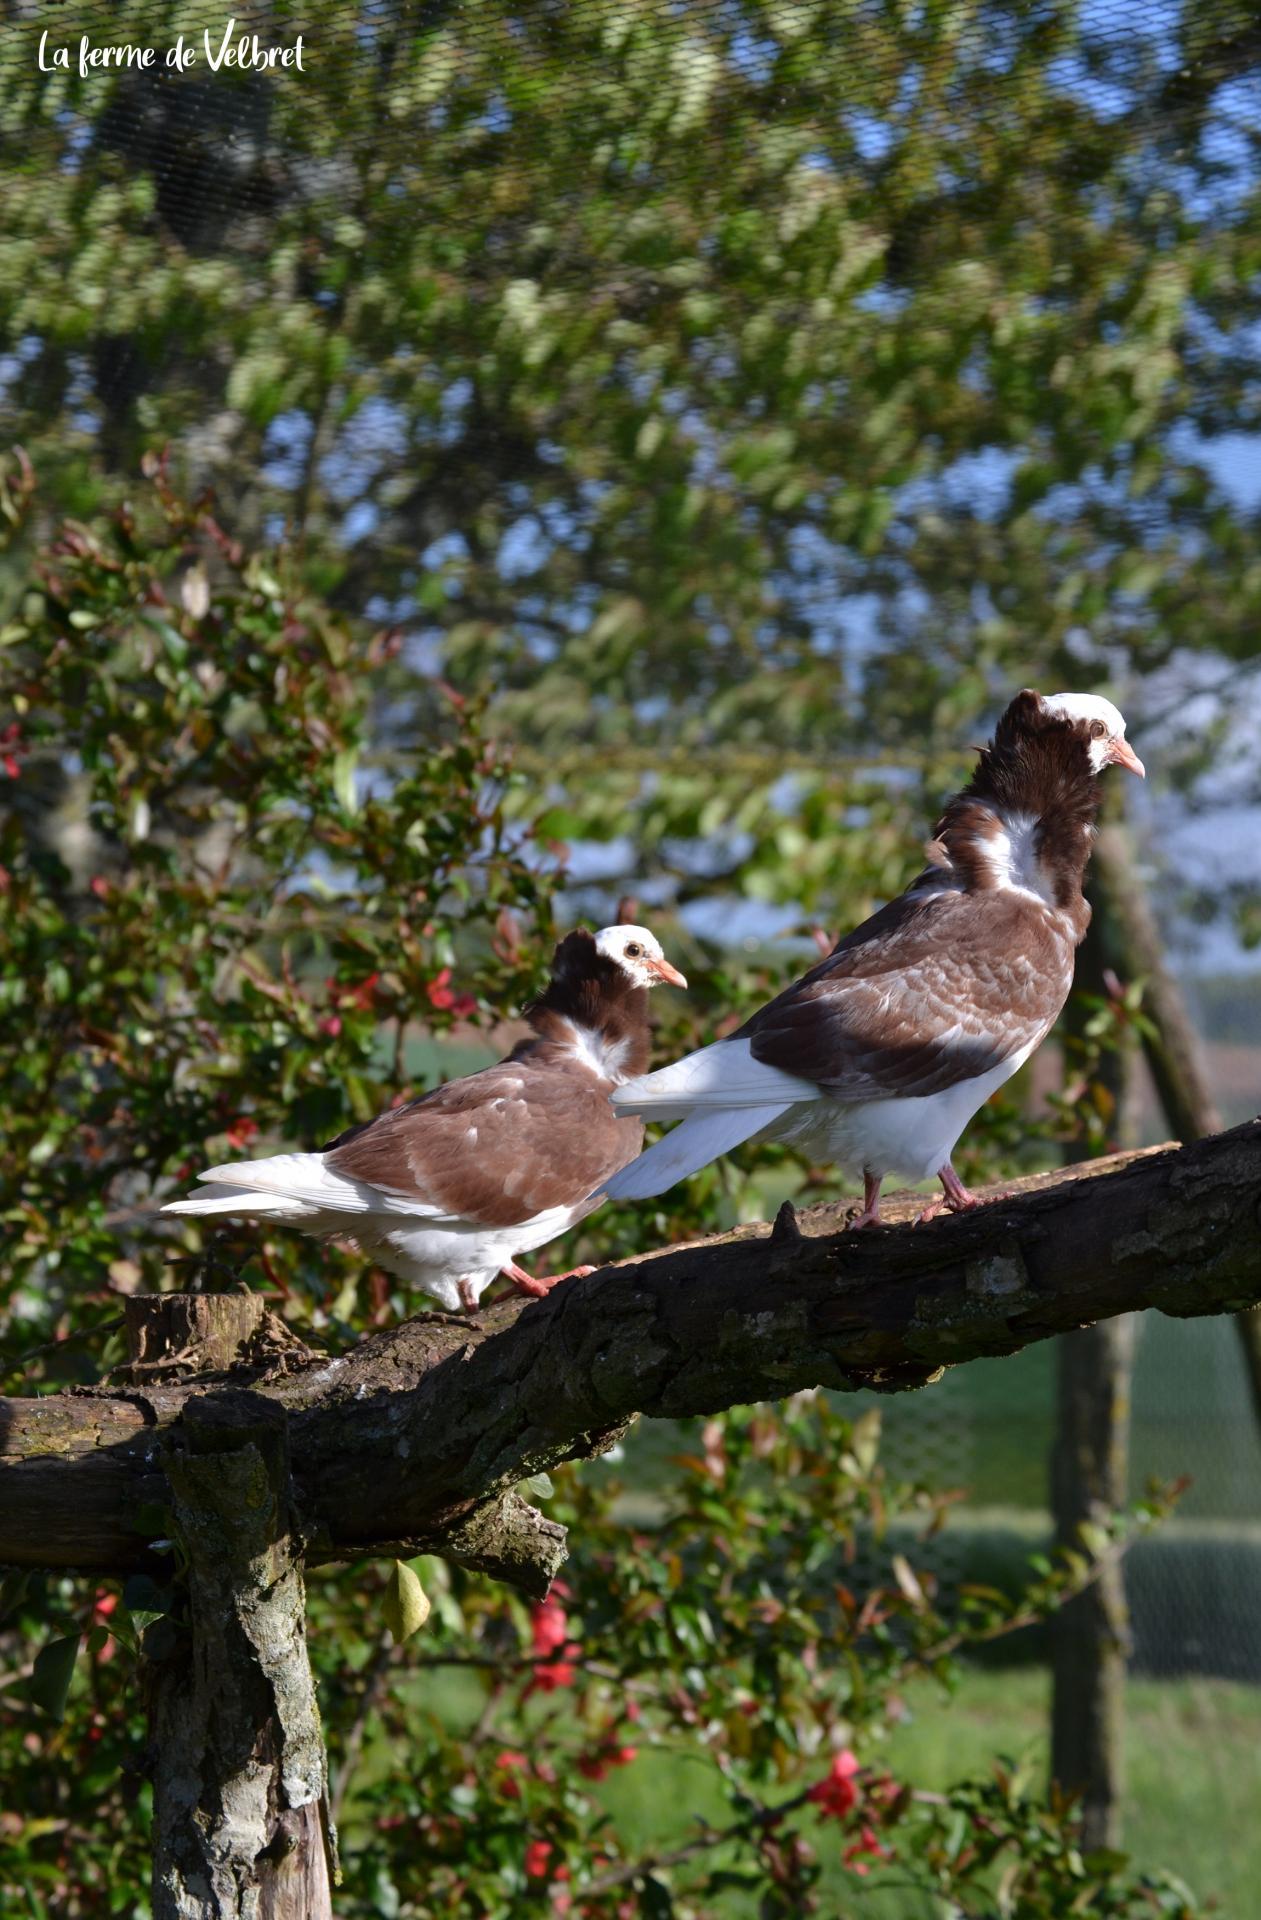 Pigeon capucin ferme de velbret